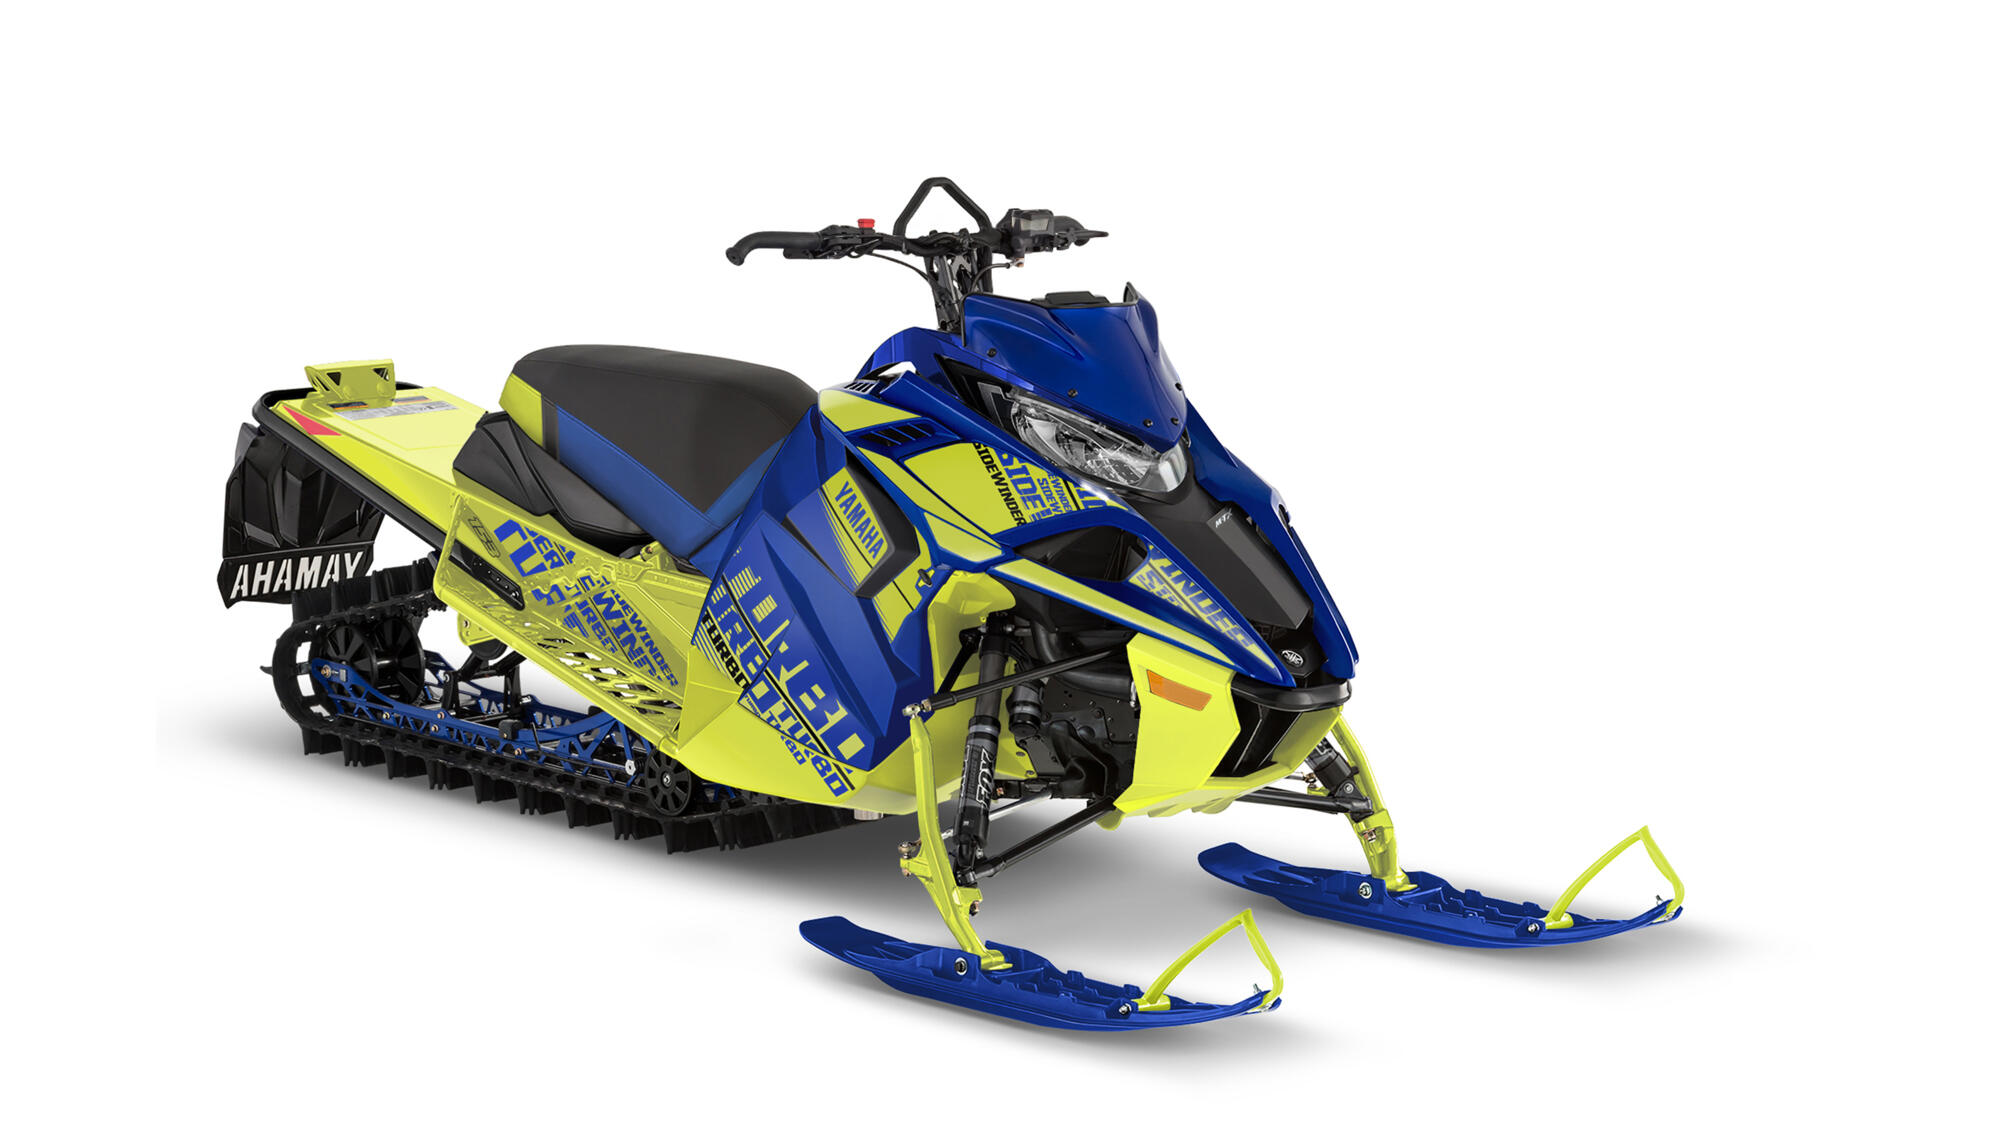 Sidewinder M-TX LE 153